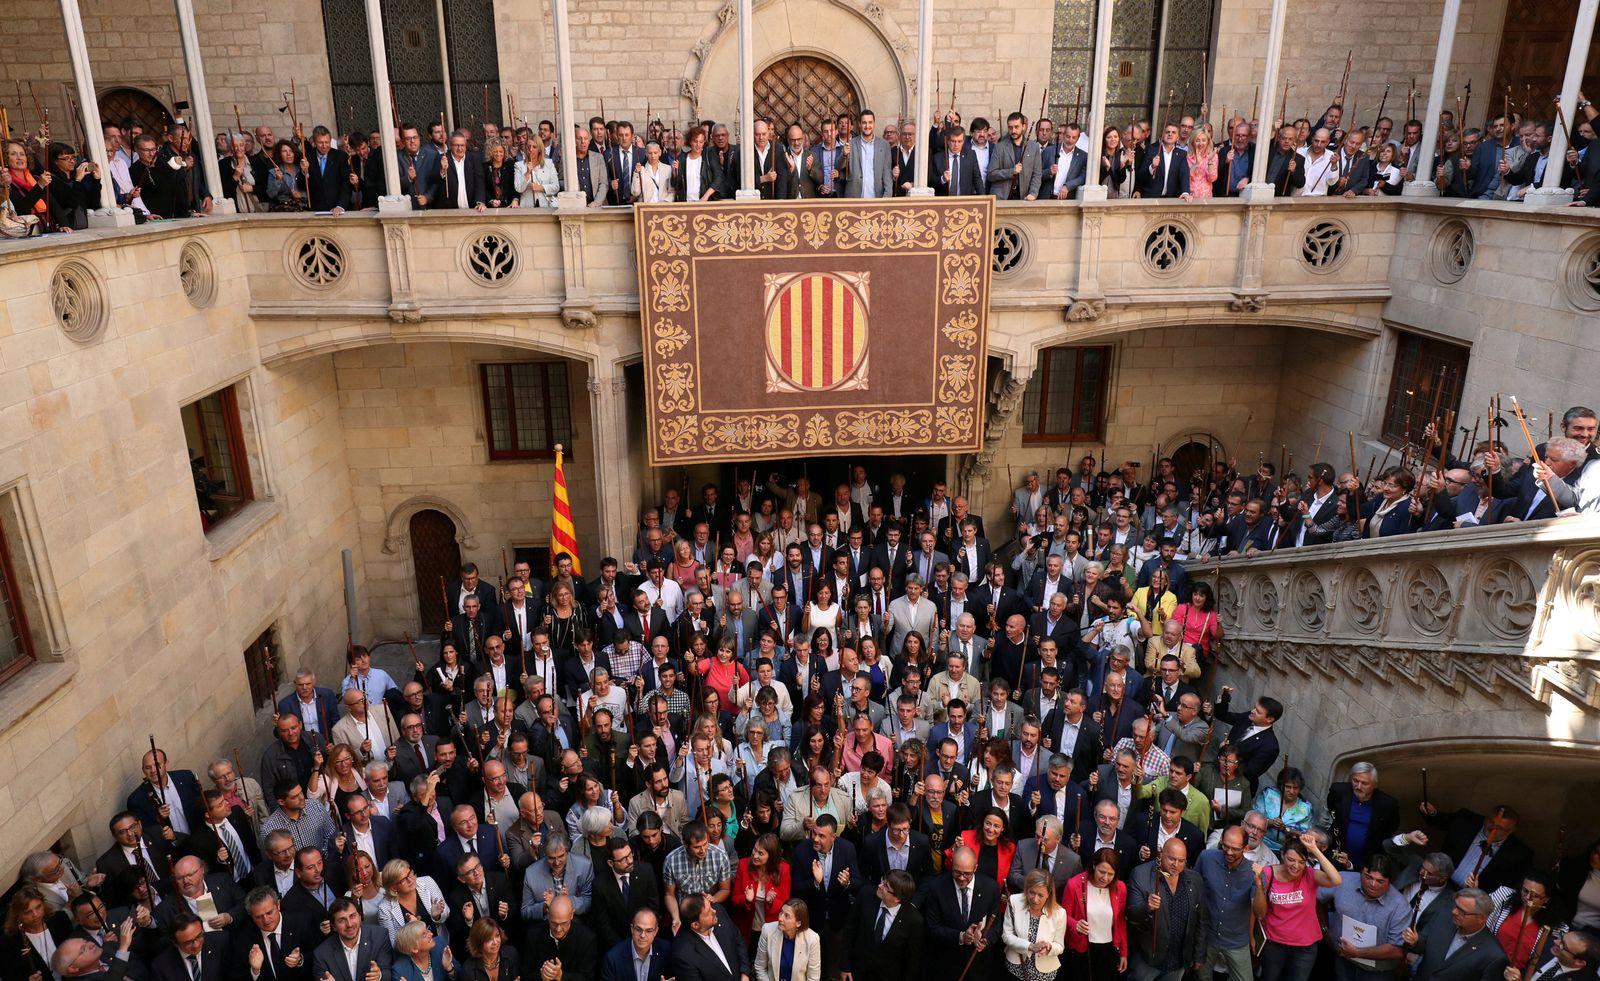 SPAIN-POLITICS/CATALONIA-MAYORS